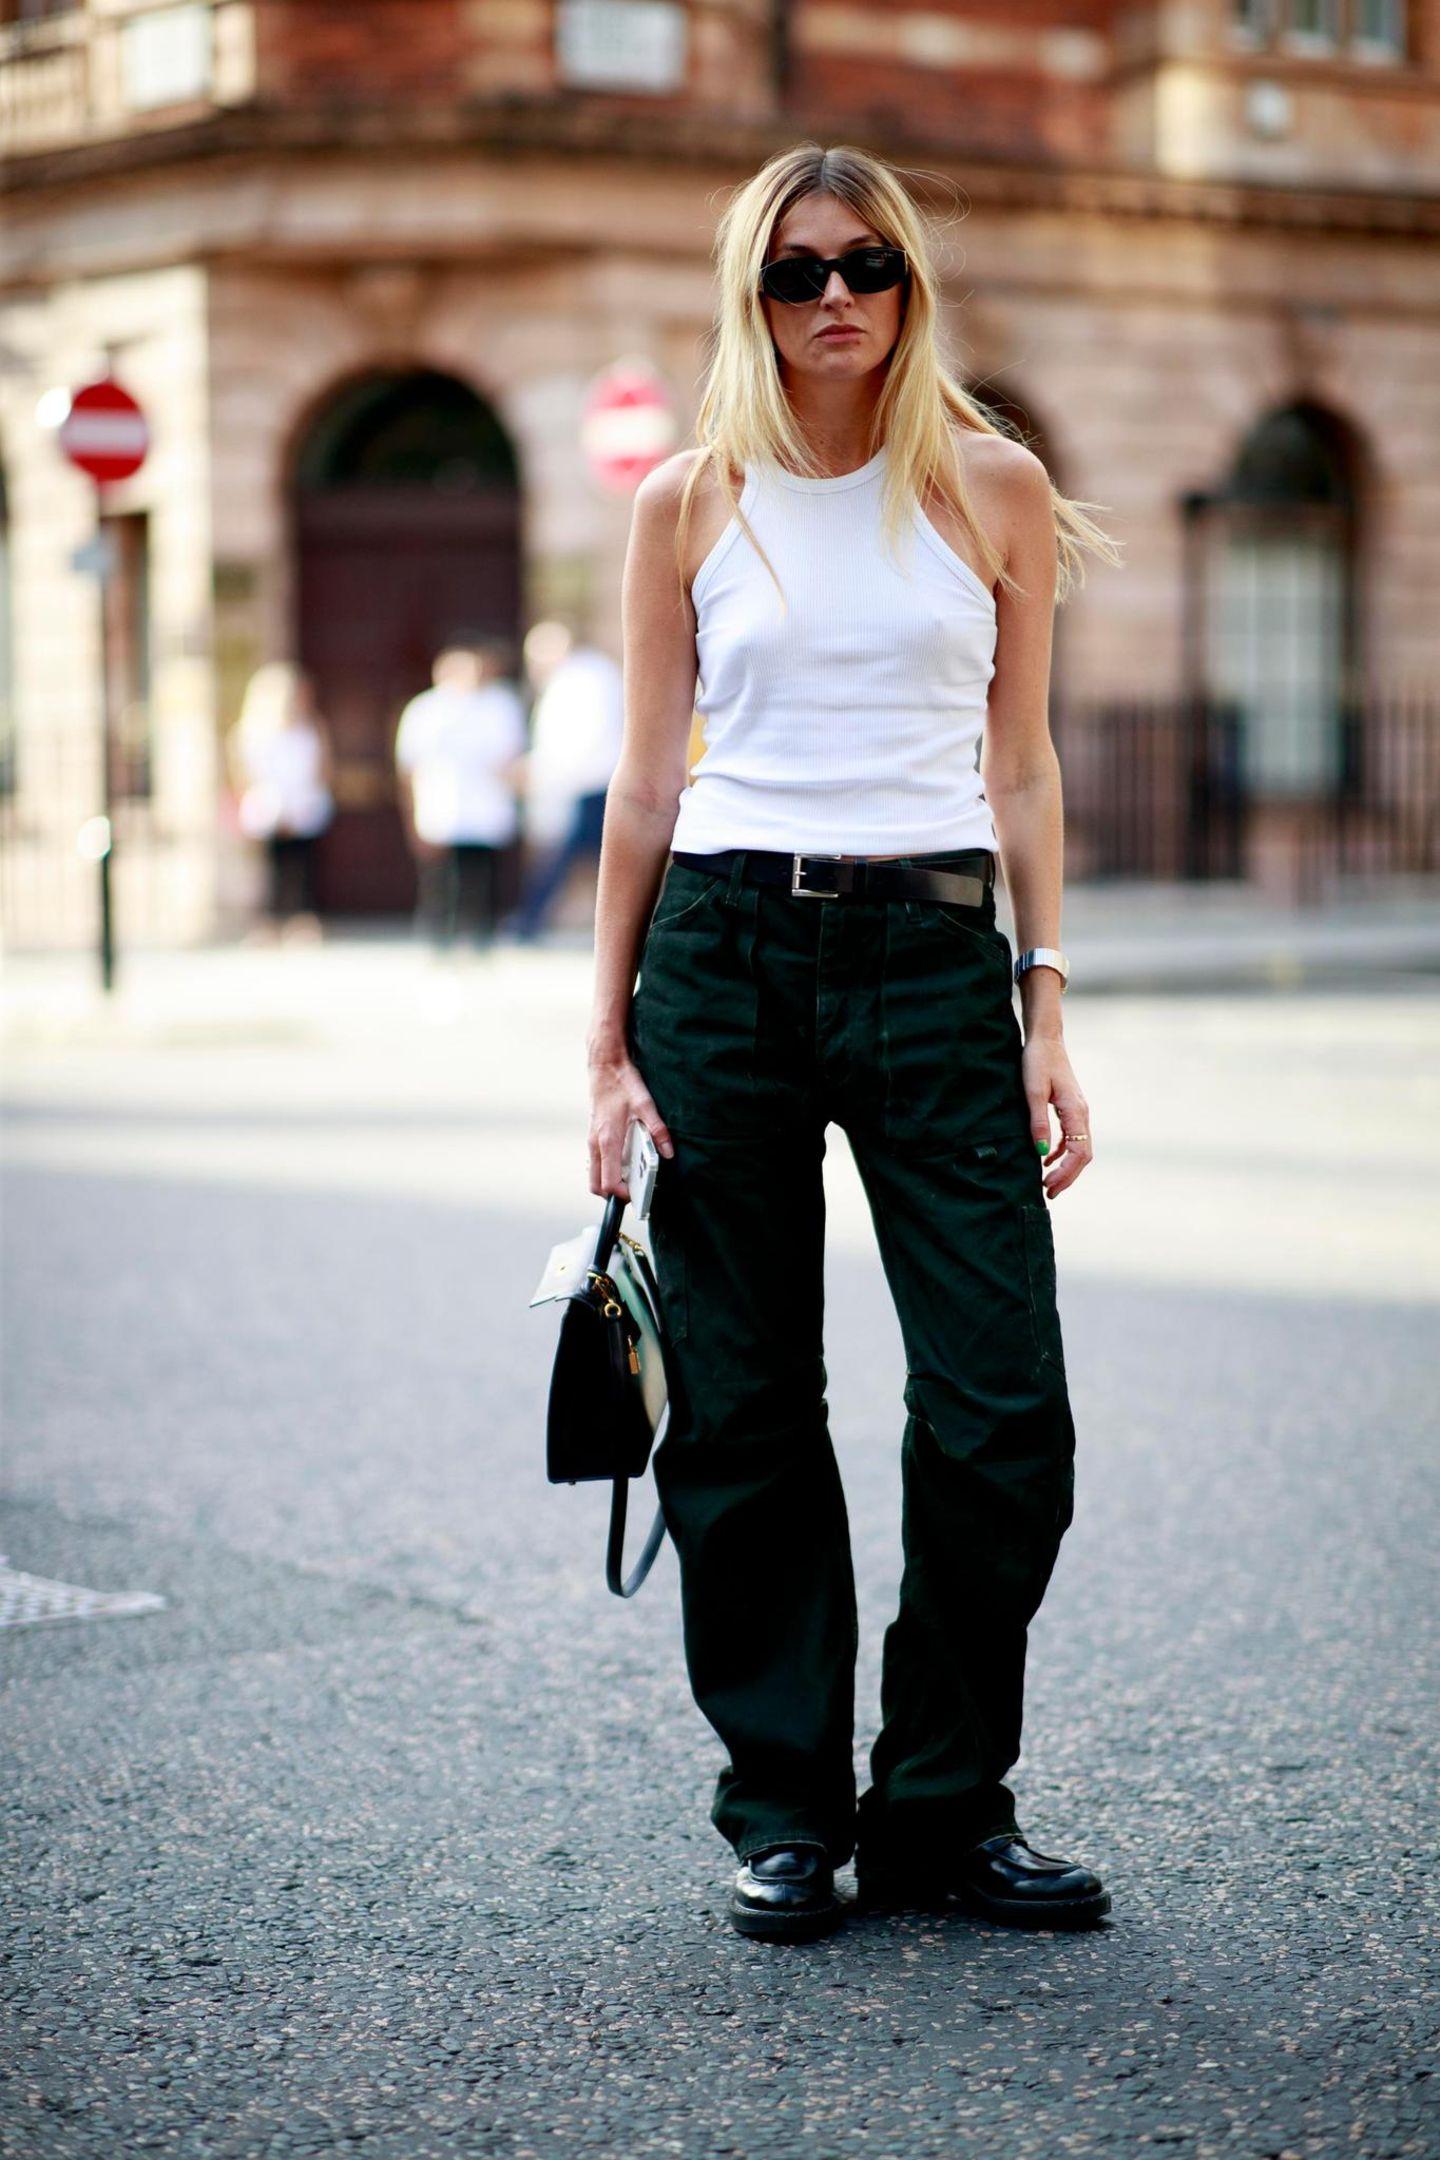 Nur wenige Influencer:innen sehen so cool und lässig aus, wie Camille Charriere. Sie stellt mal wieder unter Beweis, dass Tanktop und Jeans manchmal ausreichen, um verdammt gut auszusehen.